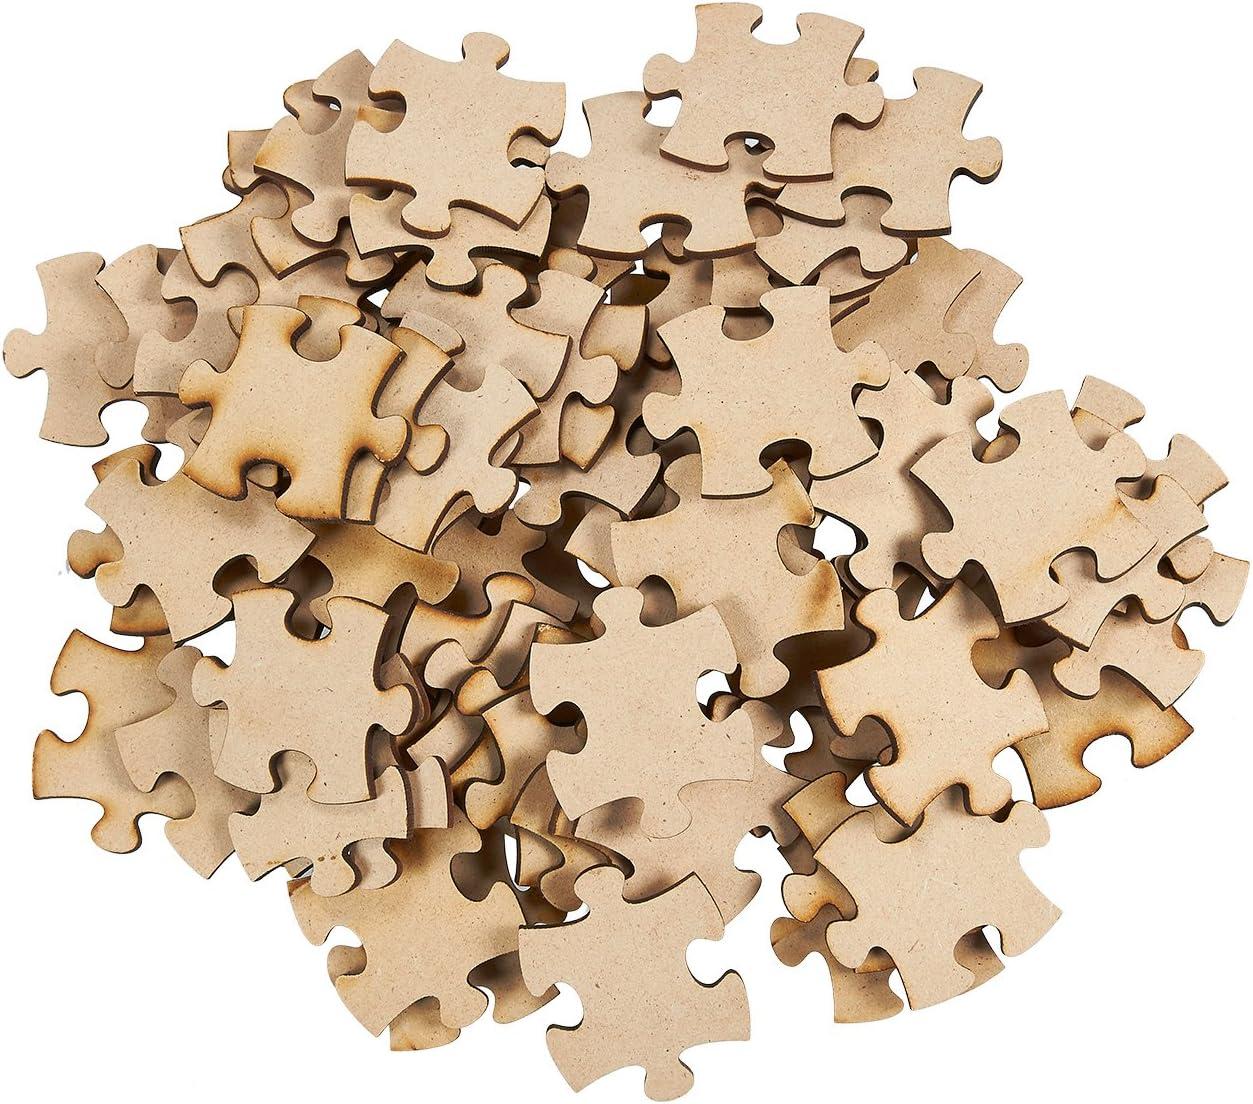 Plain Wood Puzzle 8 X 10 9 large pieces